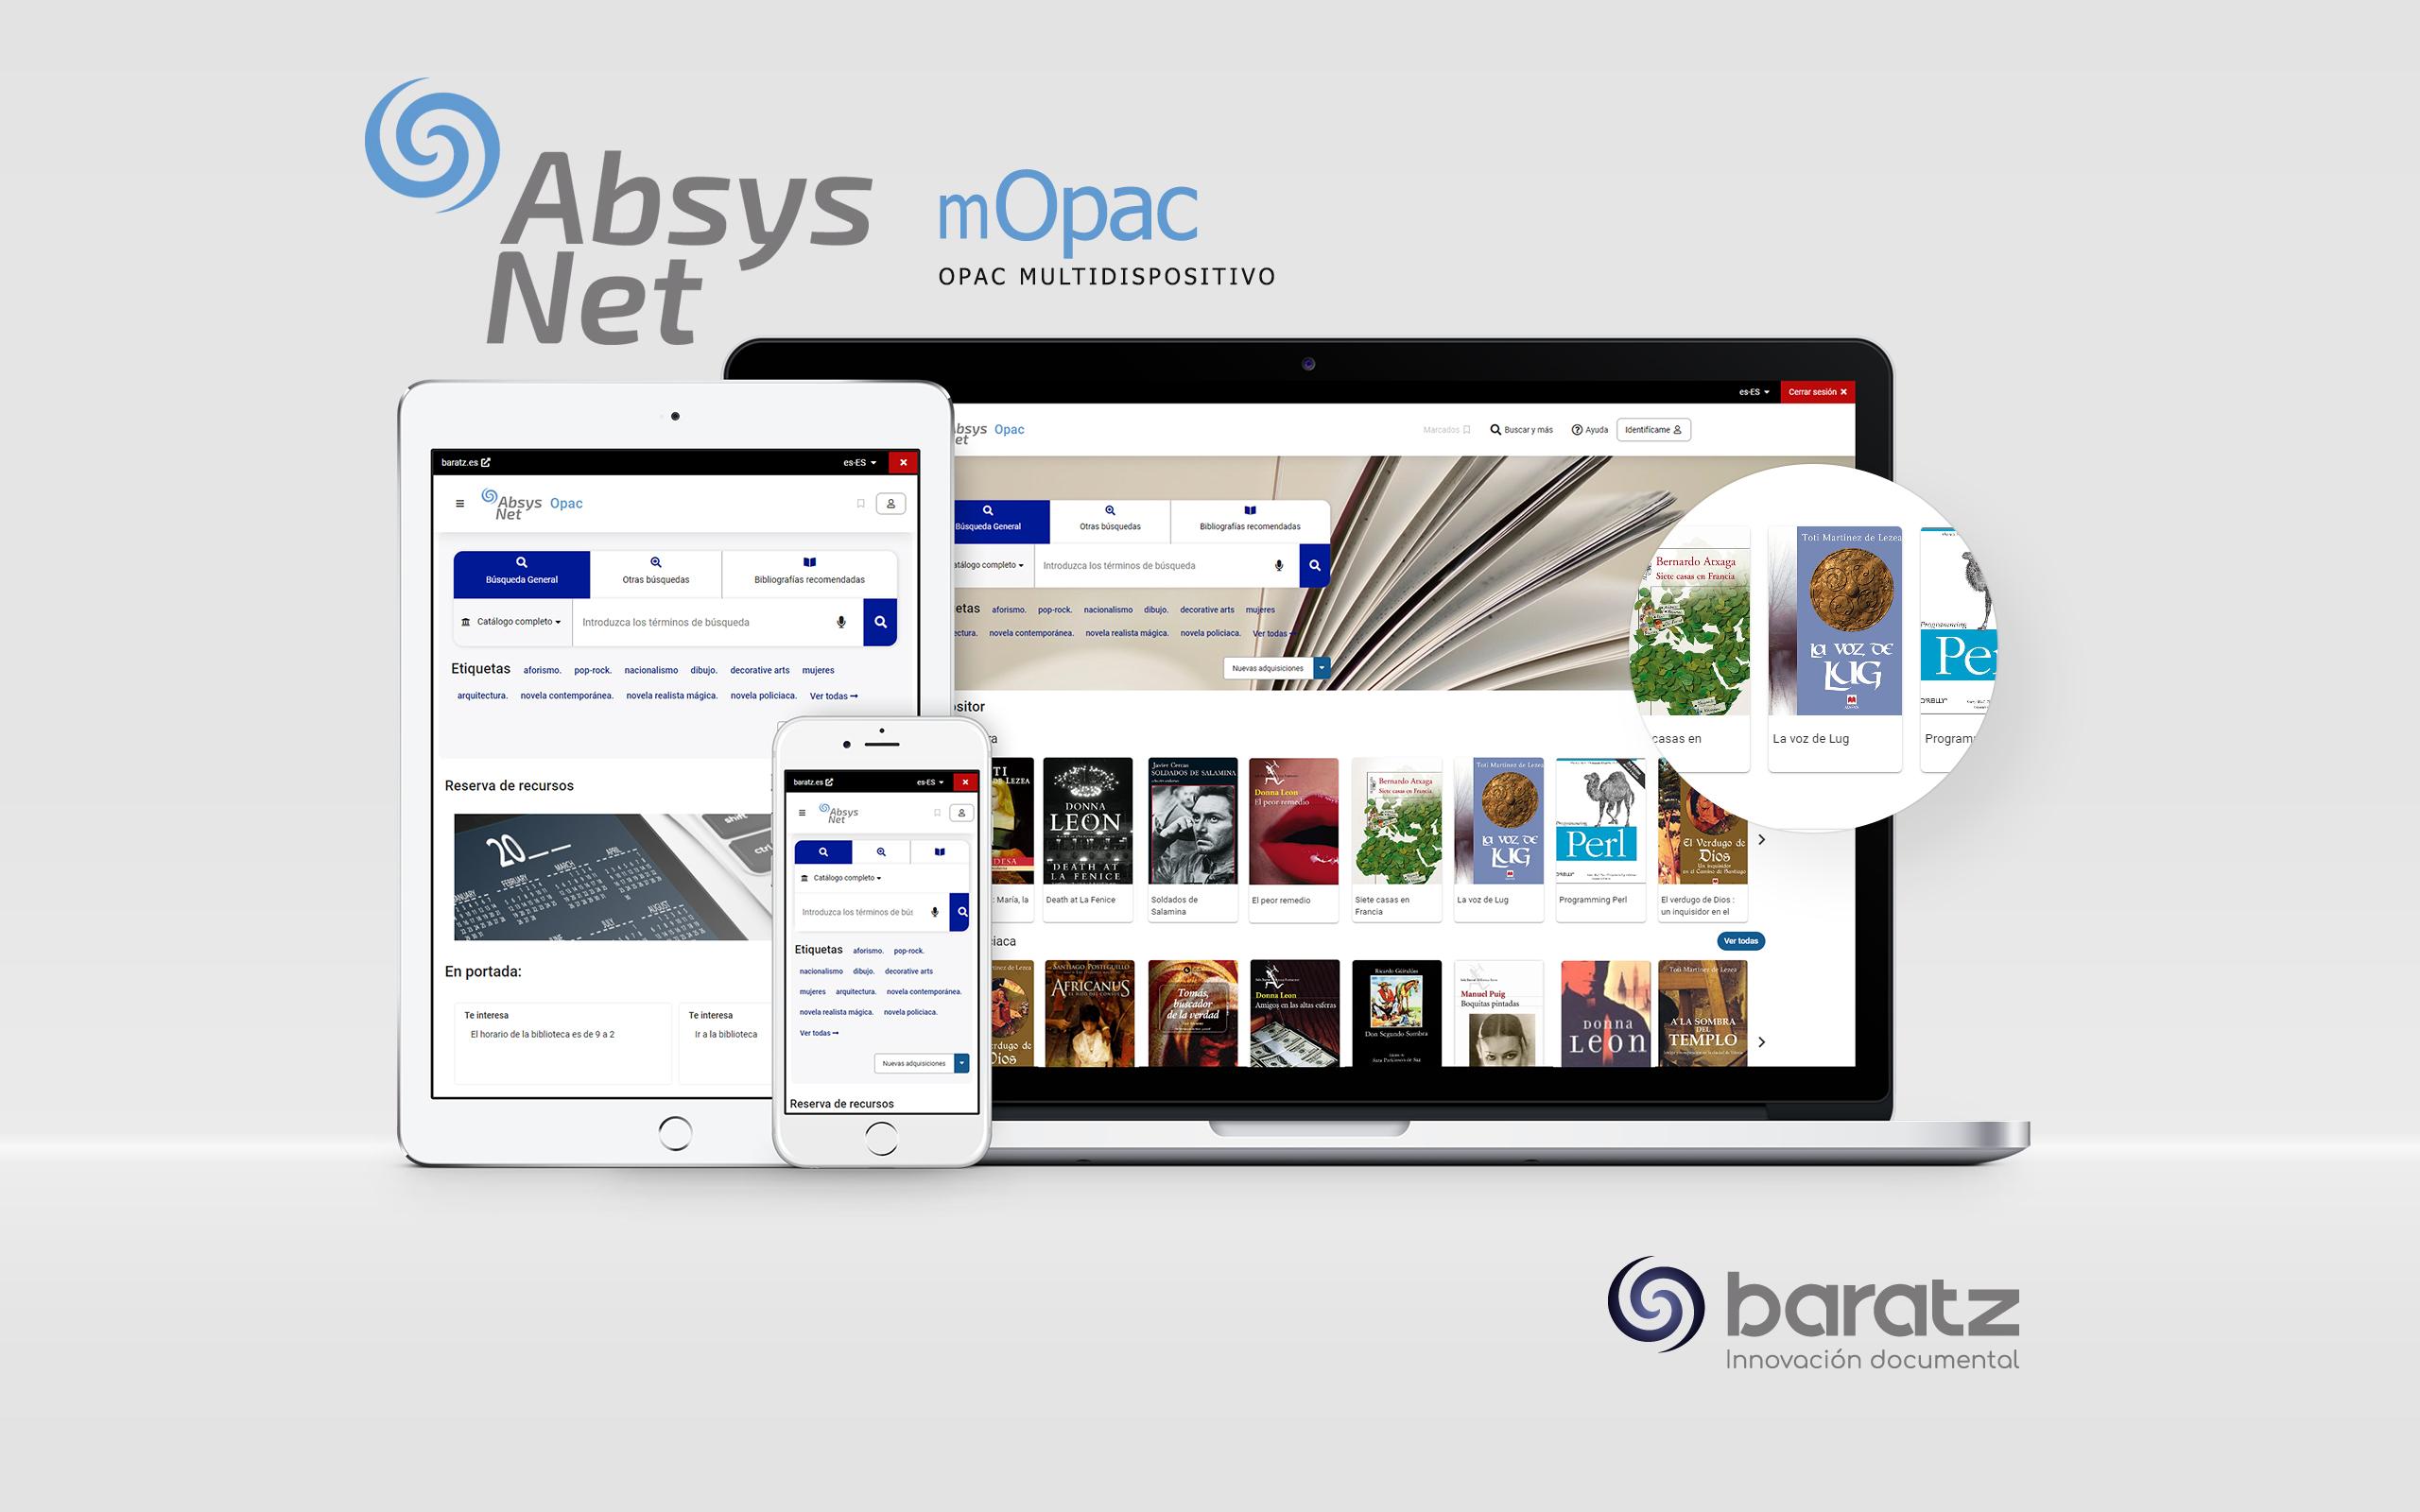 AbsysNet 2.3 y el opac multidispositivo